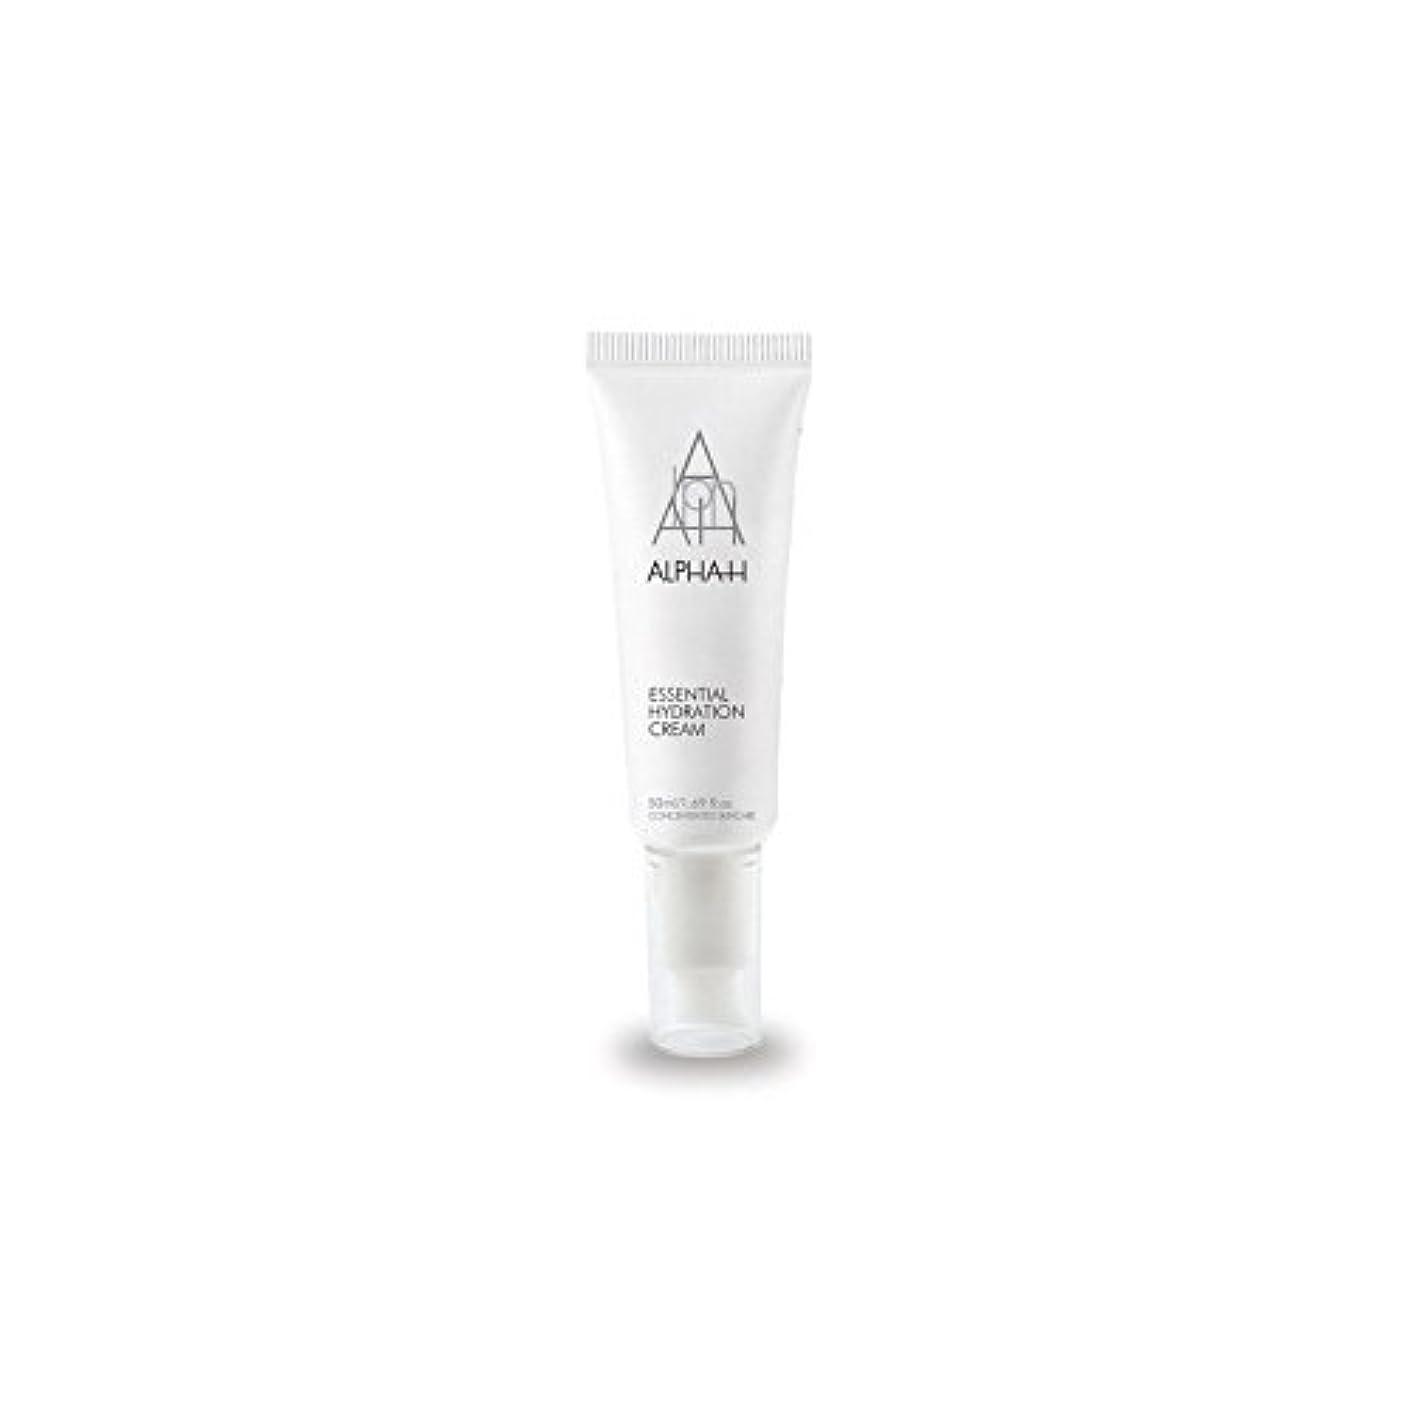 逆さまに訪問免疫するAlpha-H Essential Hydration Cream (50ml) - アルファ必須水和クリーム(50)中 [並行輸入品]